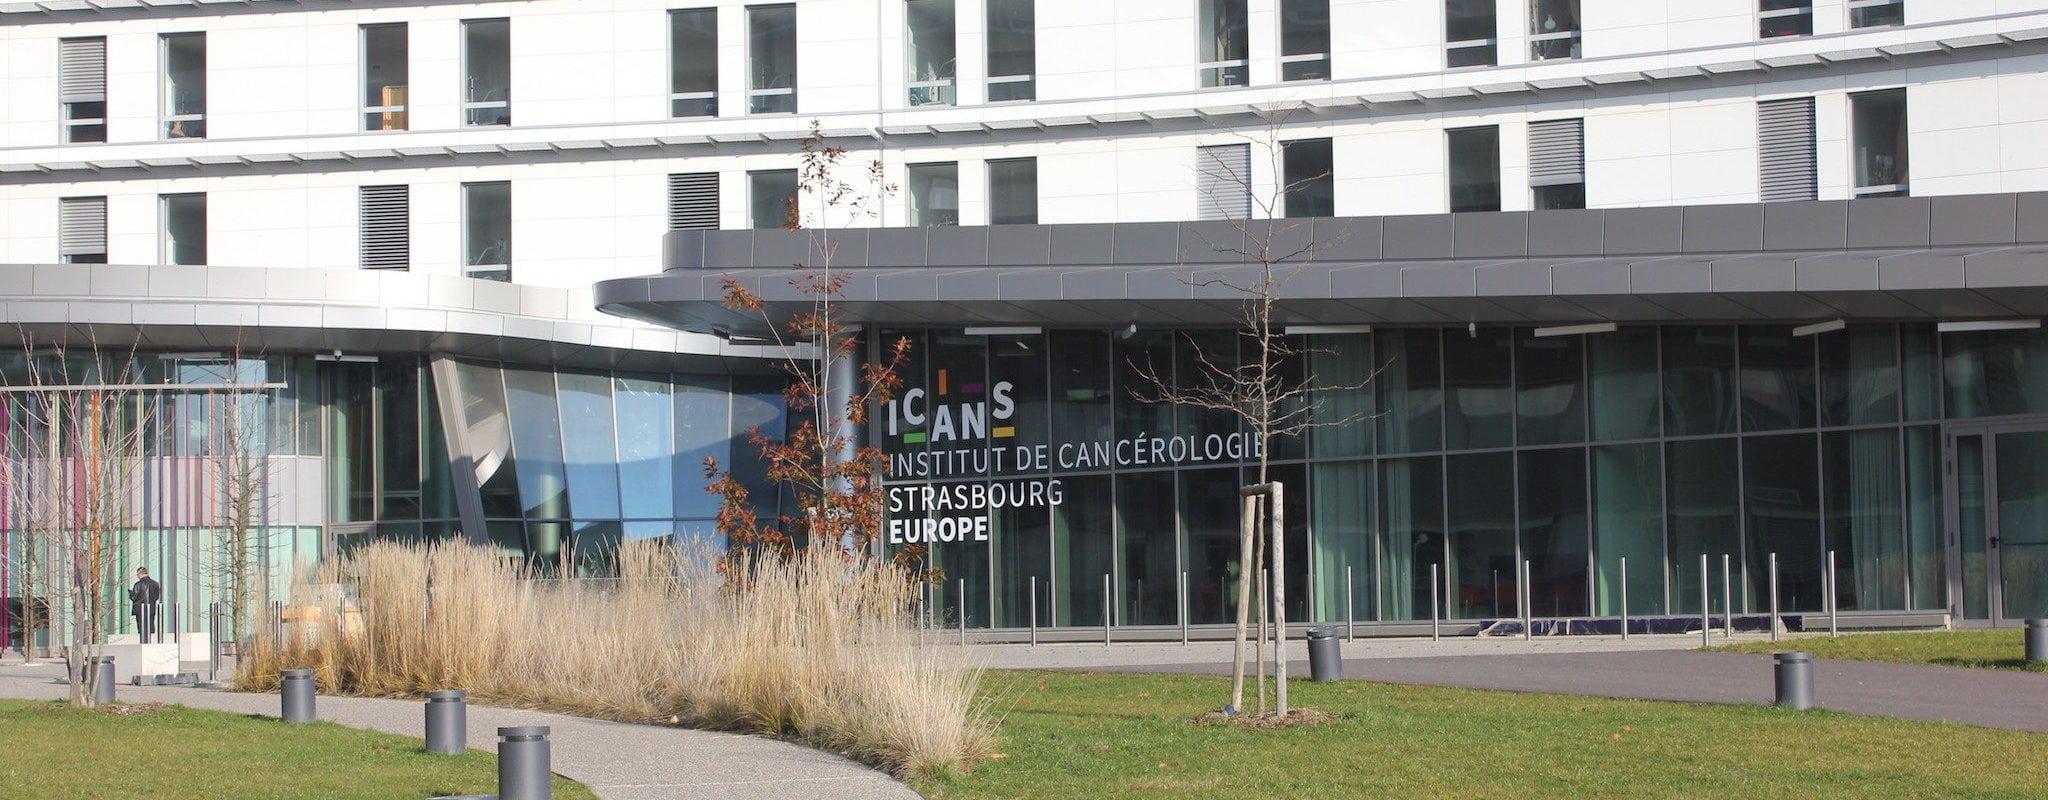 Tout neuf, l'Institut de cancérologie de Strasbourg brise patients et personnels